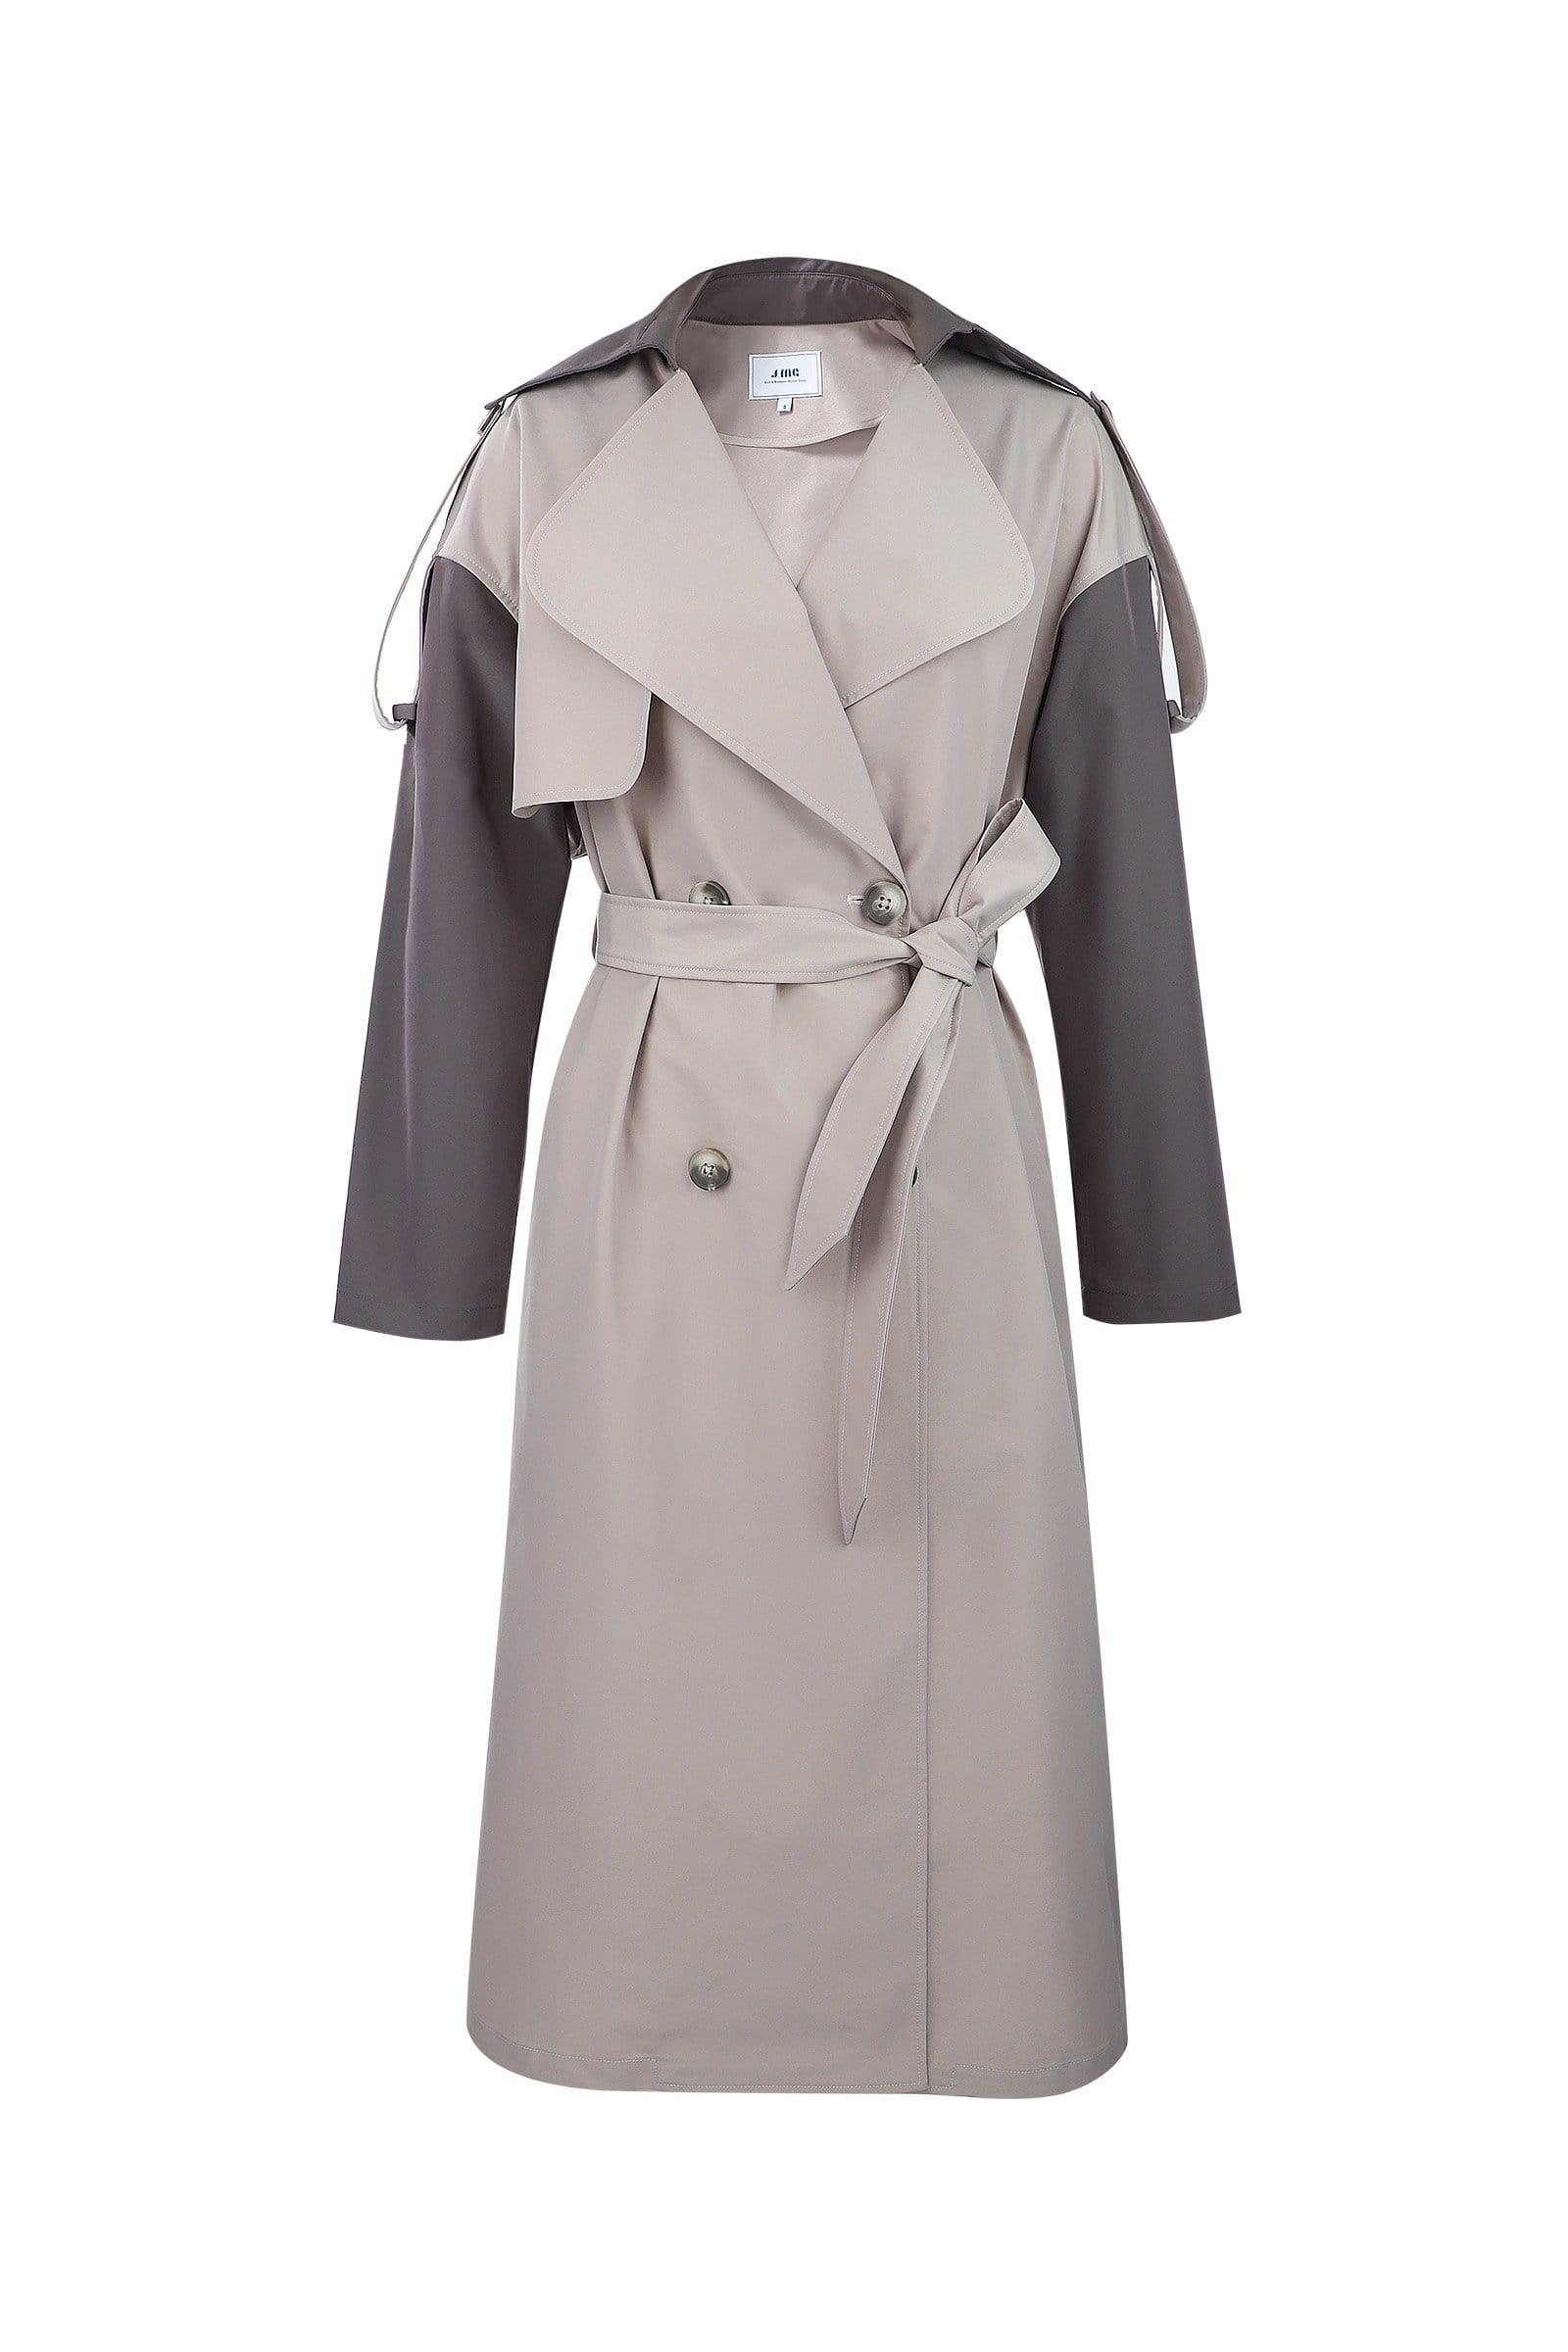 HELSINKI BLUE WOOL Coat by J.ING